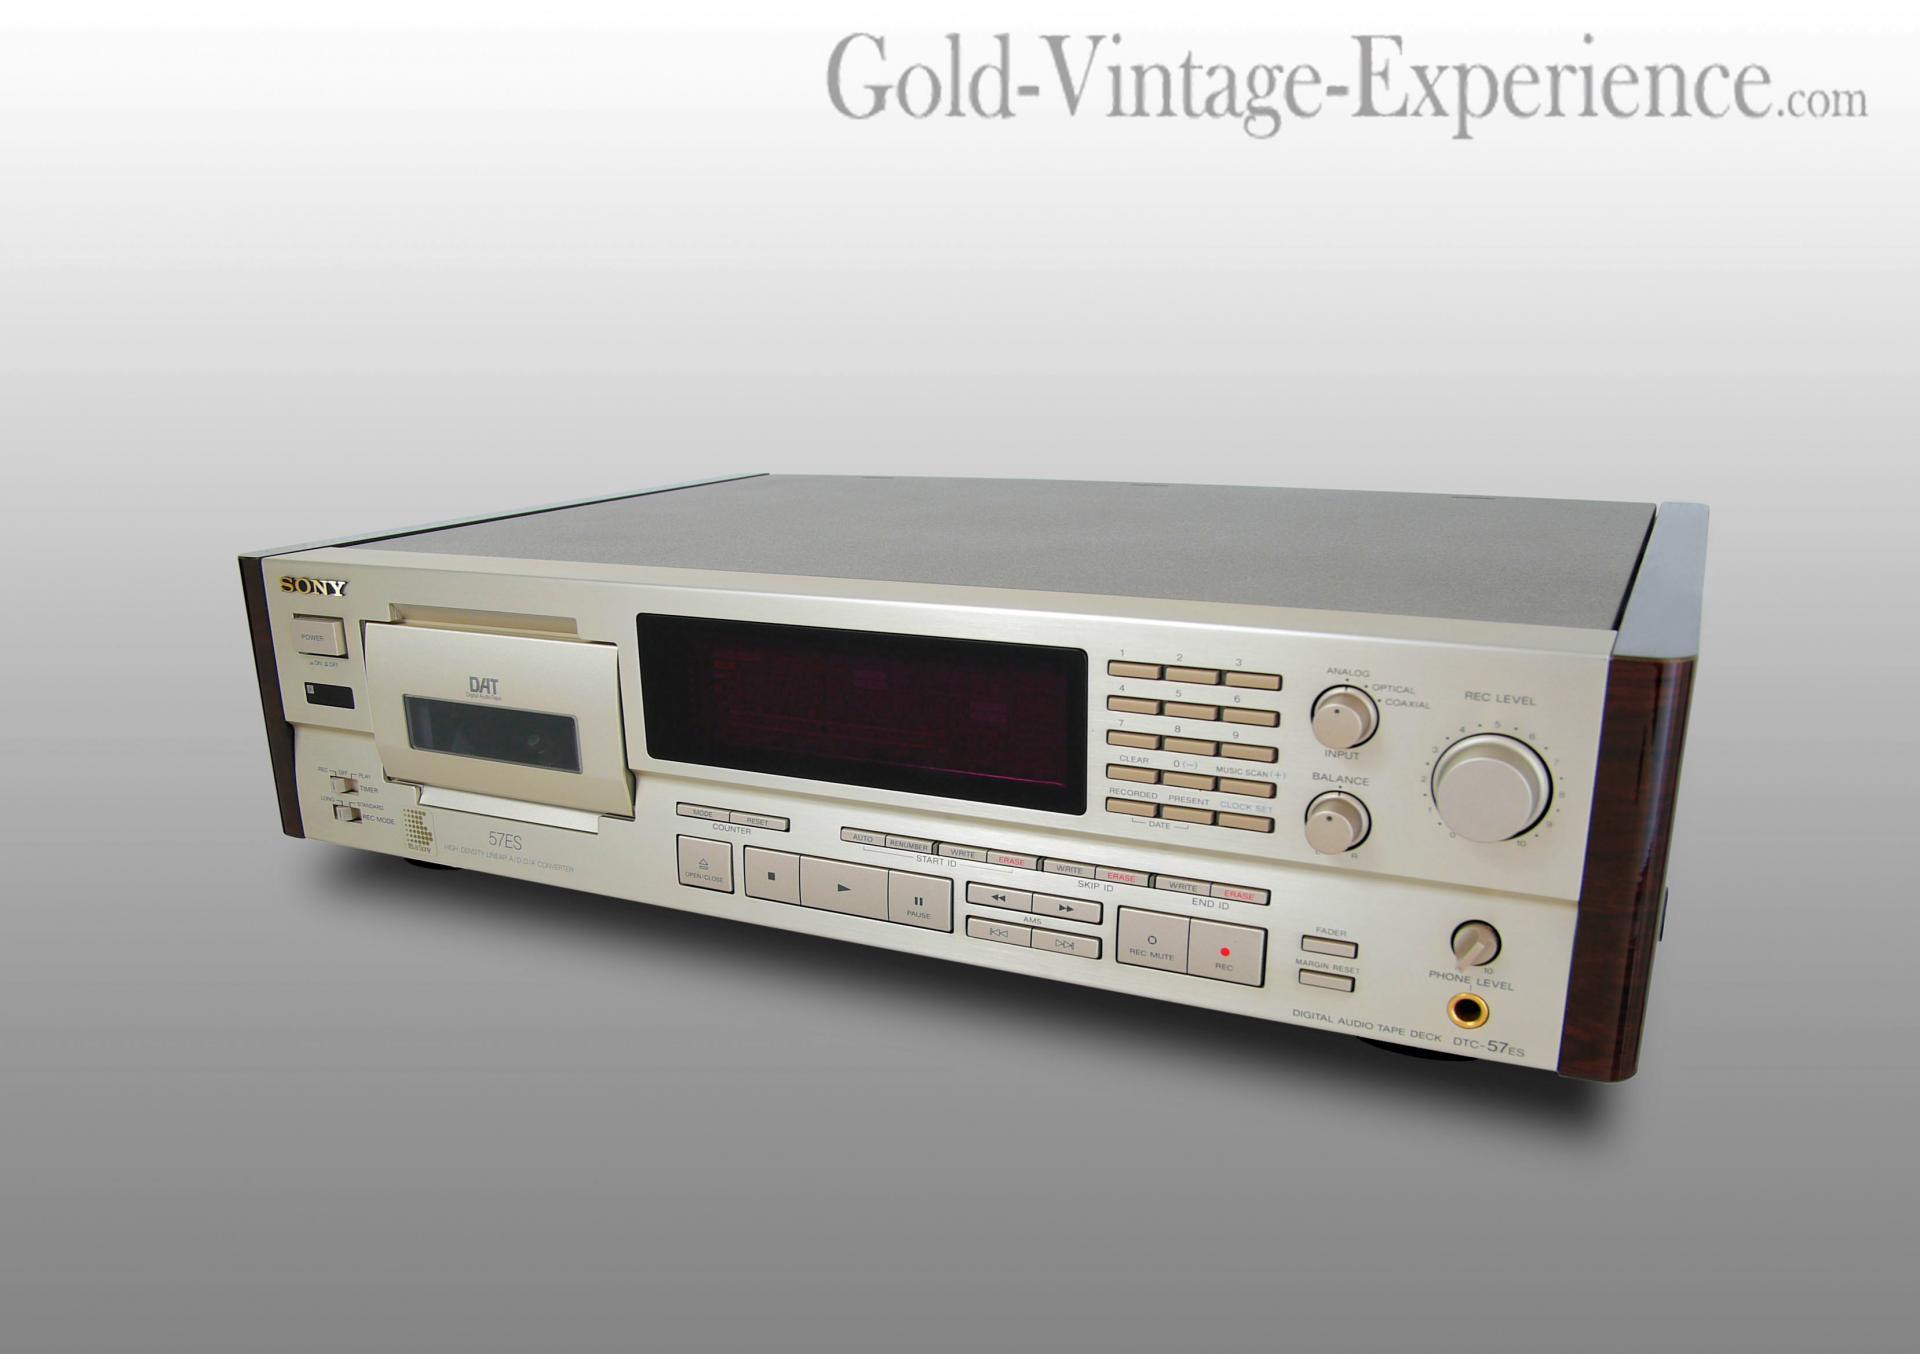 Sony dtc 57es